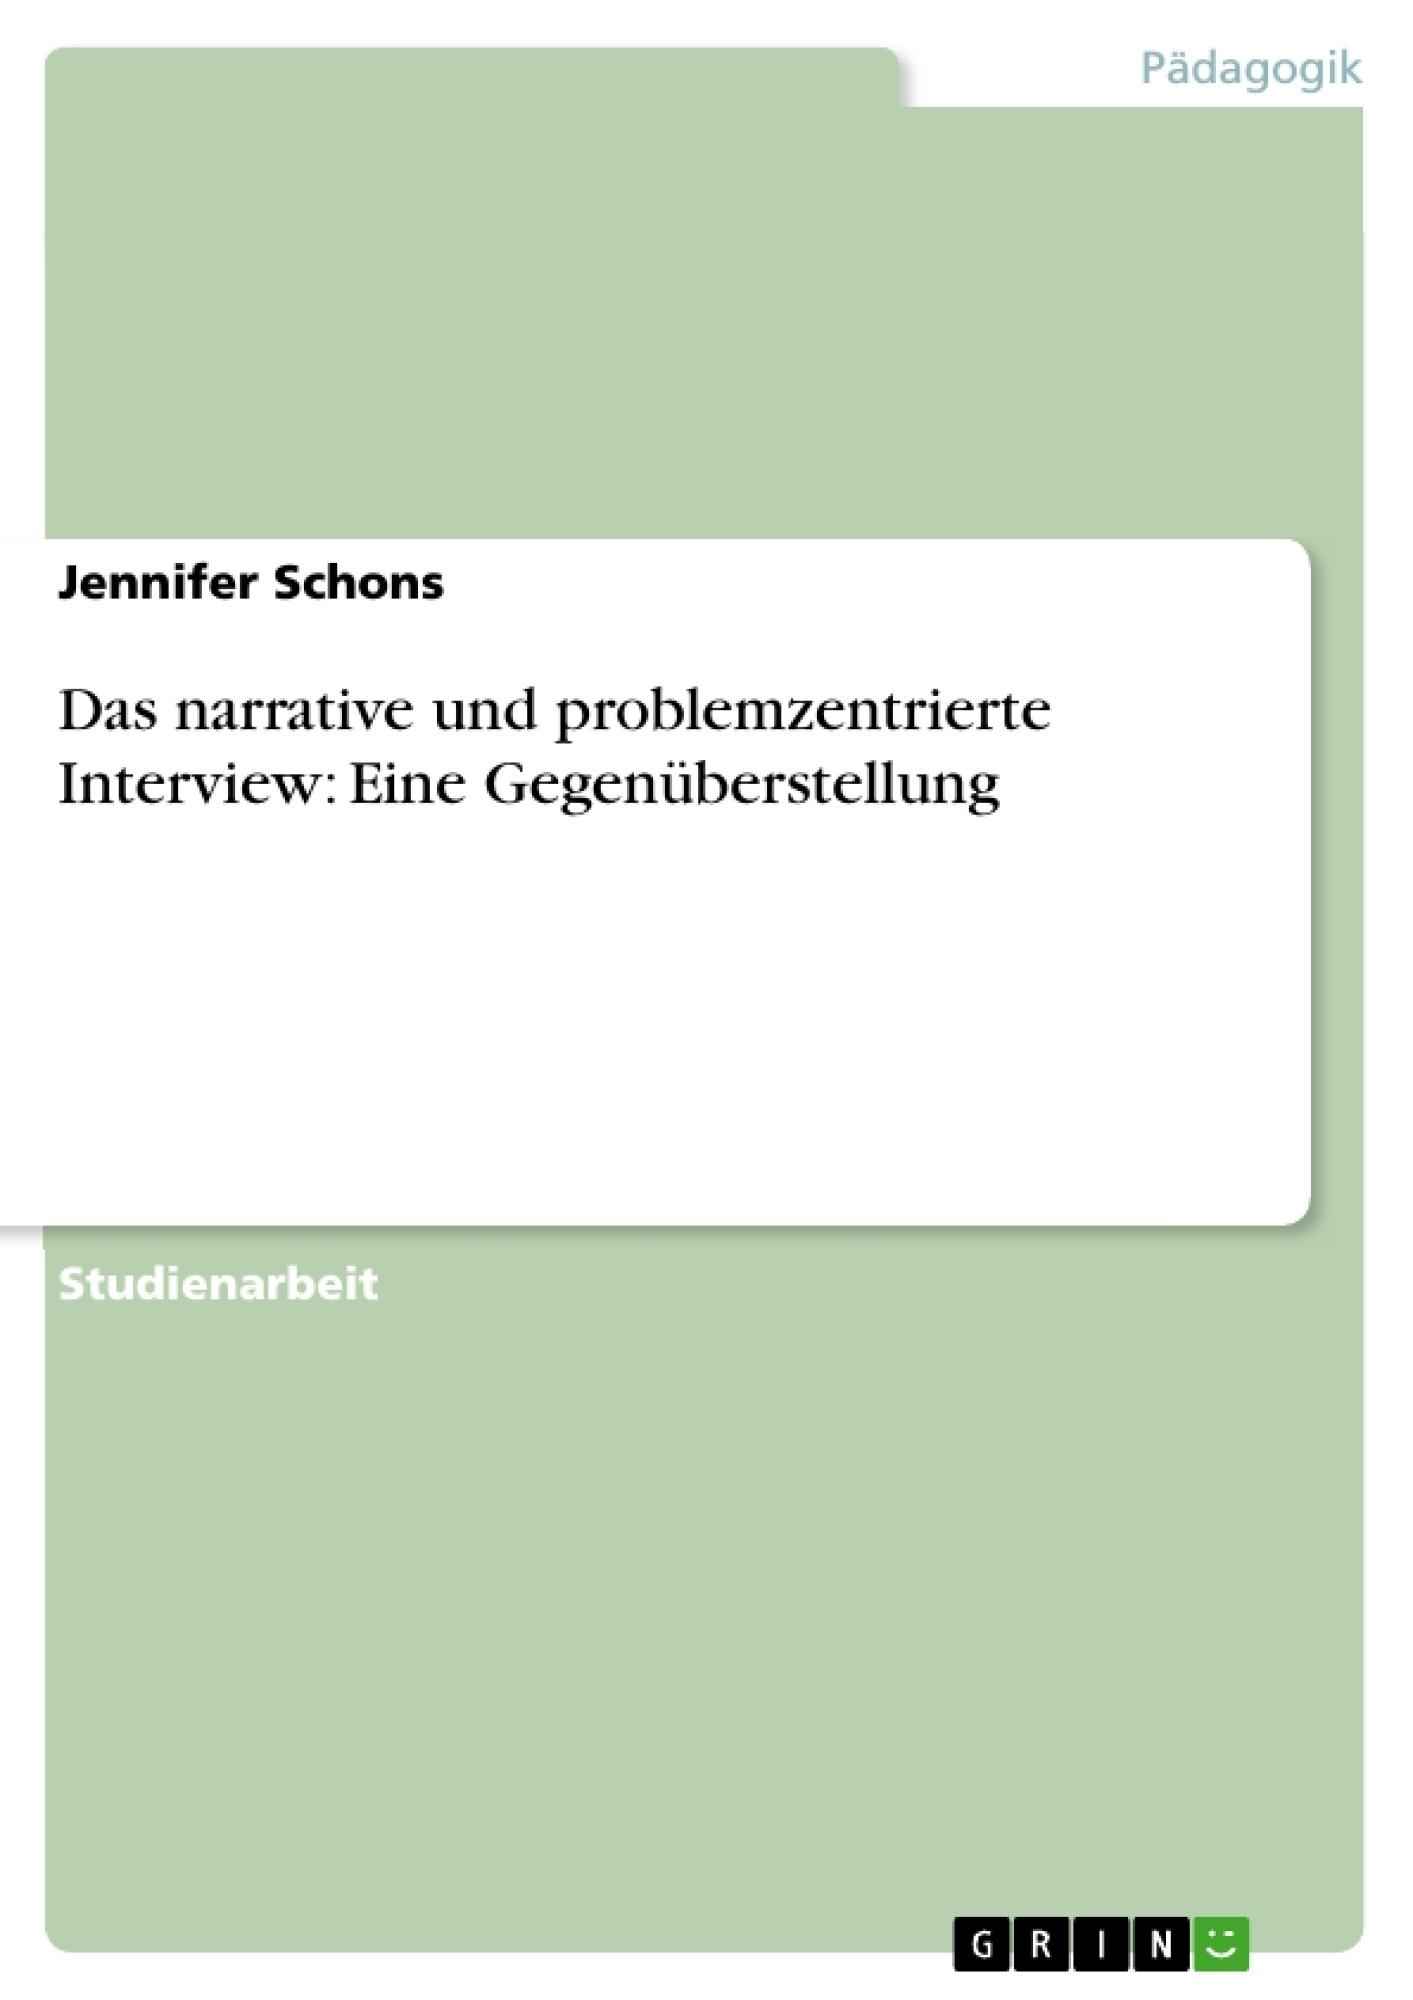 Titel: Das narrative und problemzentrierte Interview: Eine Gegenüberstellung